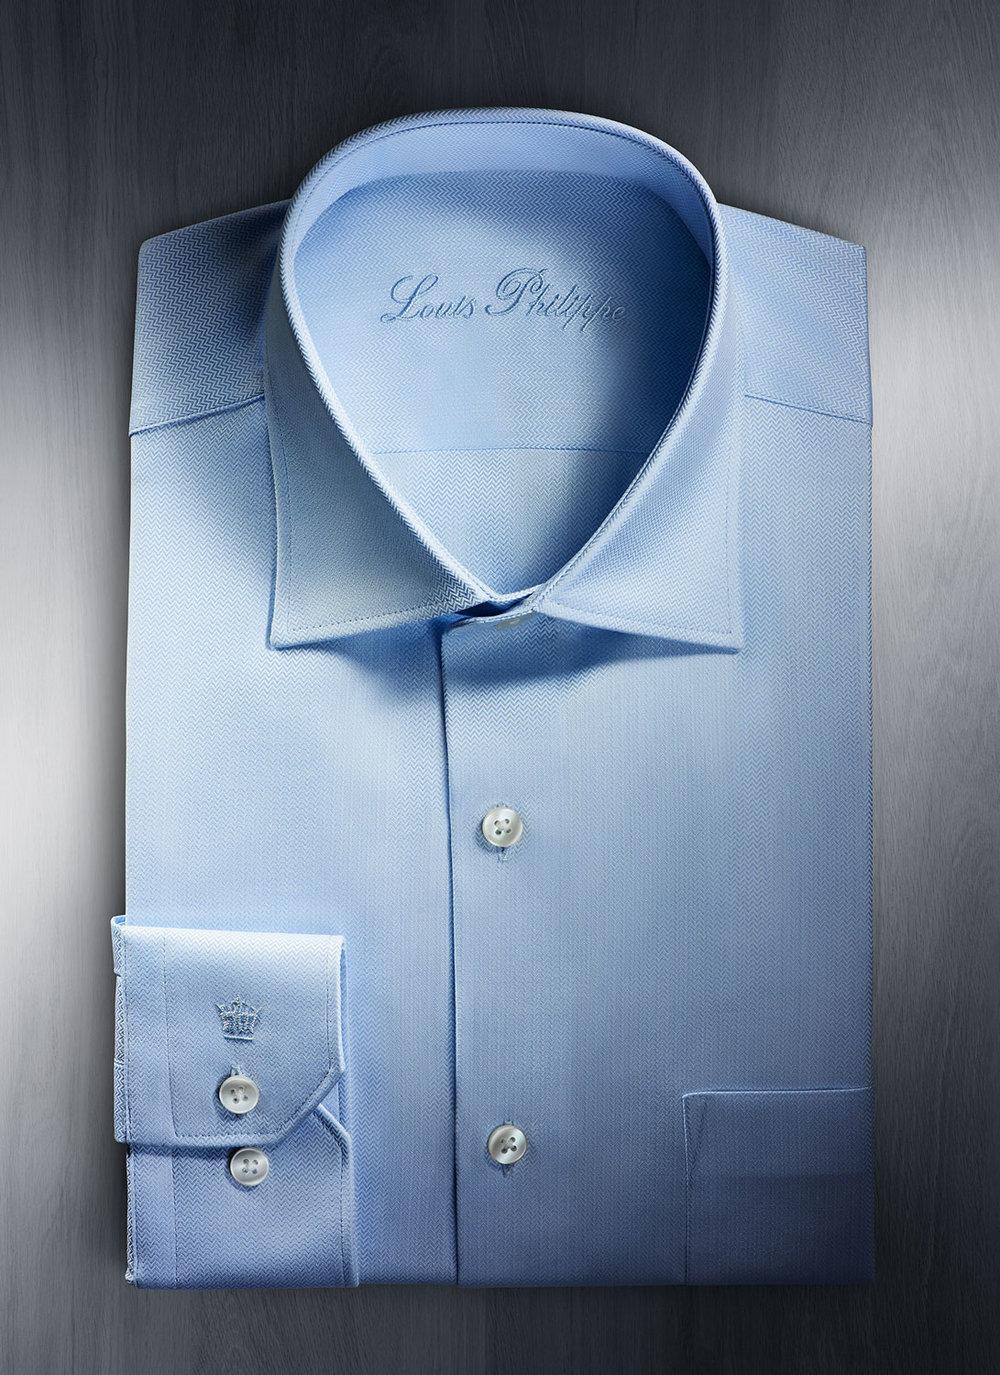 Louis-Philippe-Shirt-.jpg